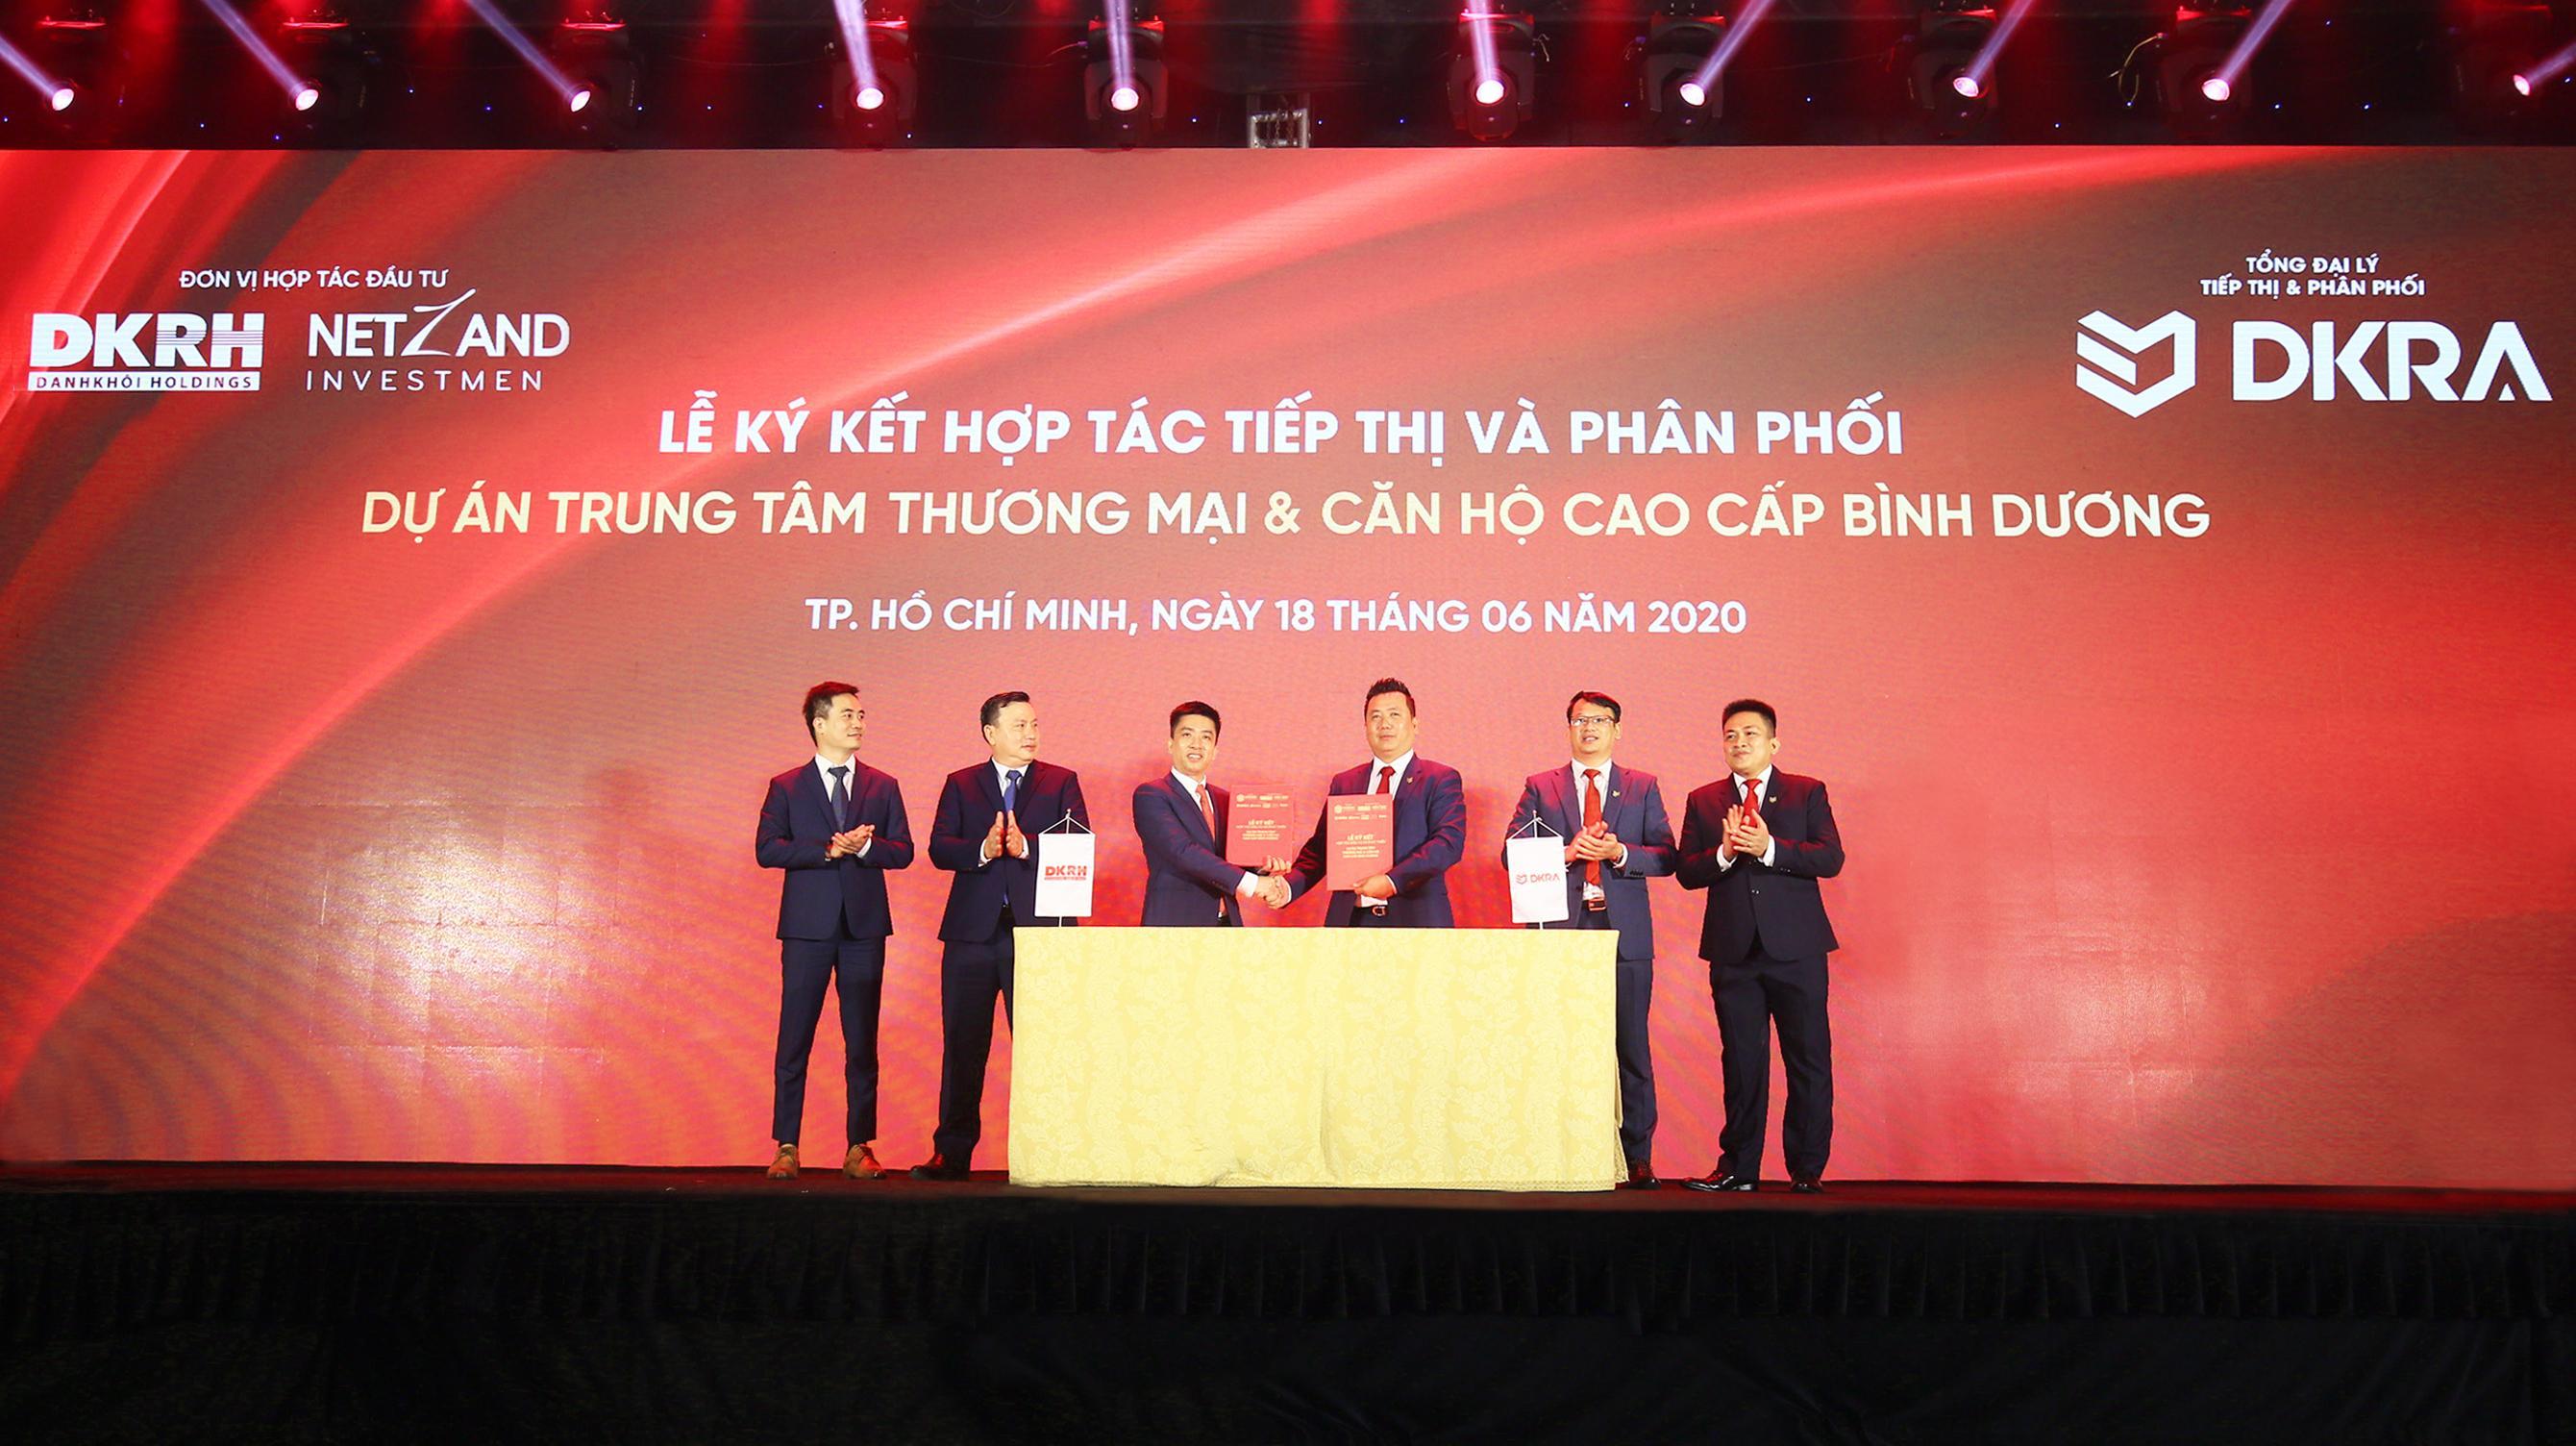 DKRA Vietnam làm tổng đại lý tiếp thị và phân phối dự án trung tâm thương mại & căn hộ cao cấp Bình Dương